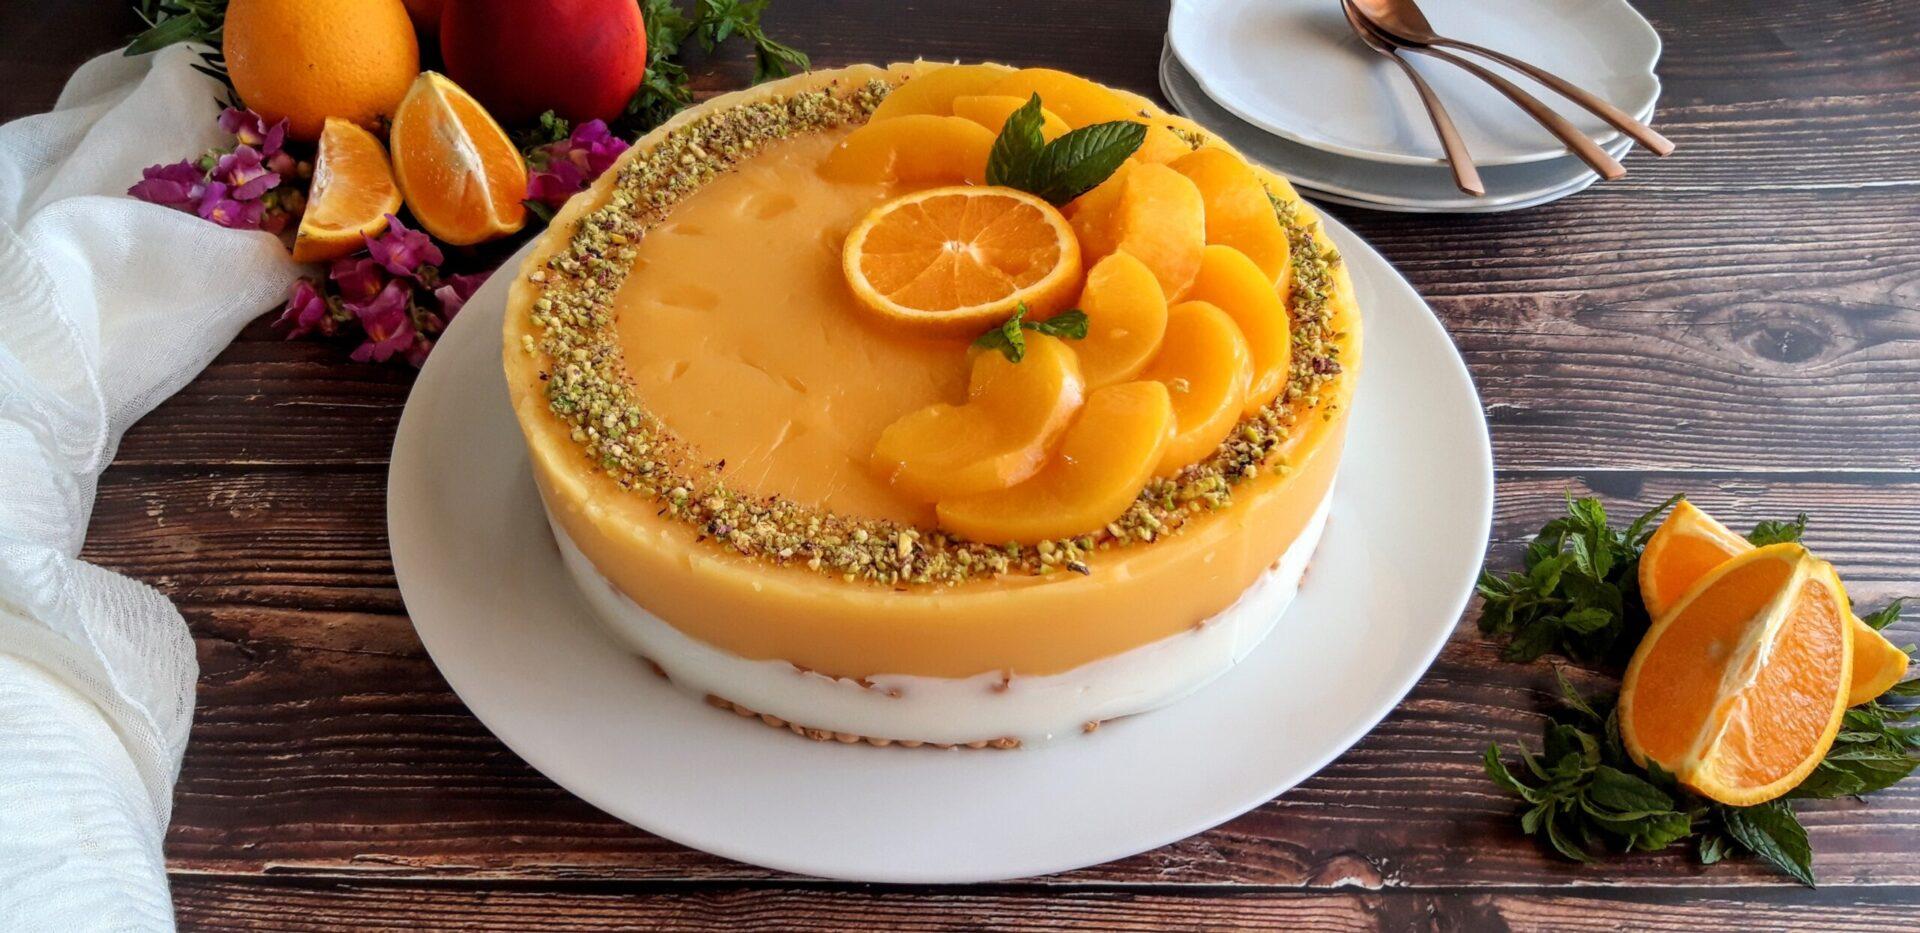 Καλοκαιρινή τούρτα ψυγείου με πορτοκάλι